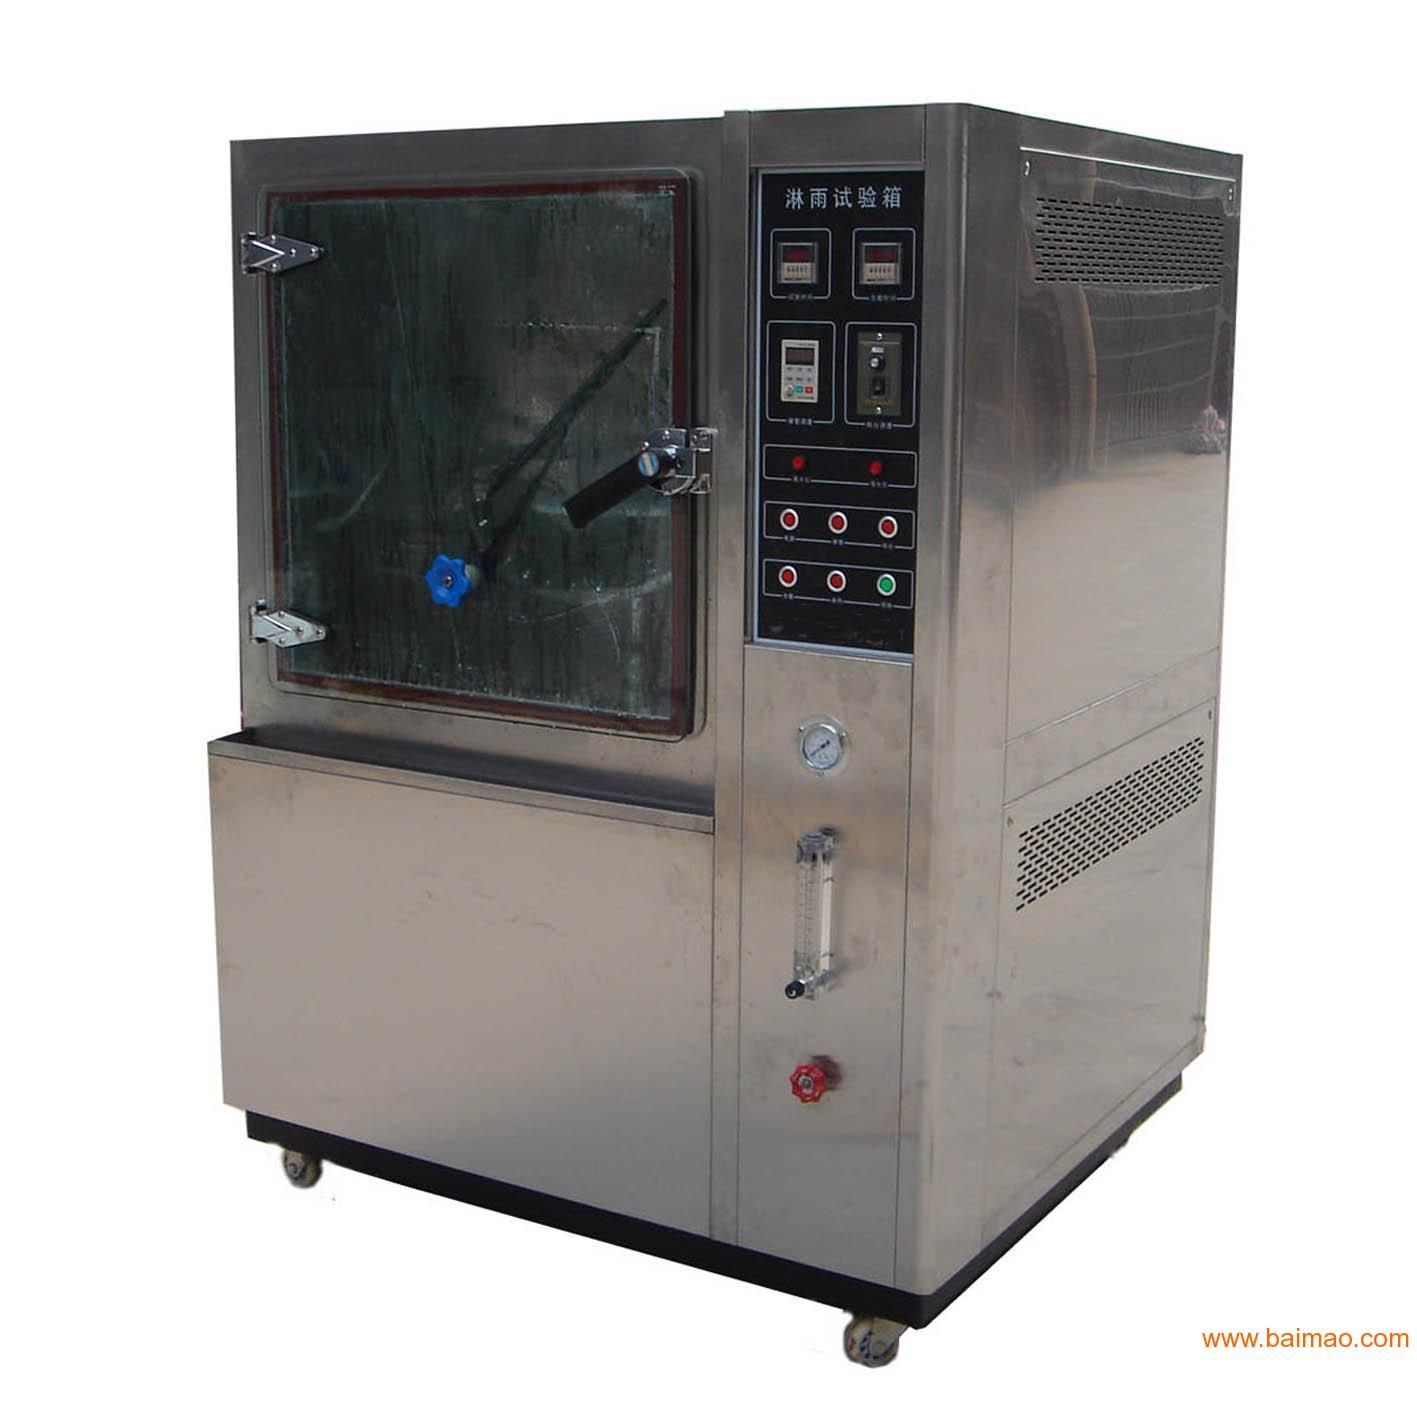 滴水式淋雨试验箱,淋雨试验箱,使用材料_汽... _世界工厂网移动版